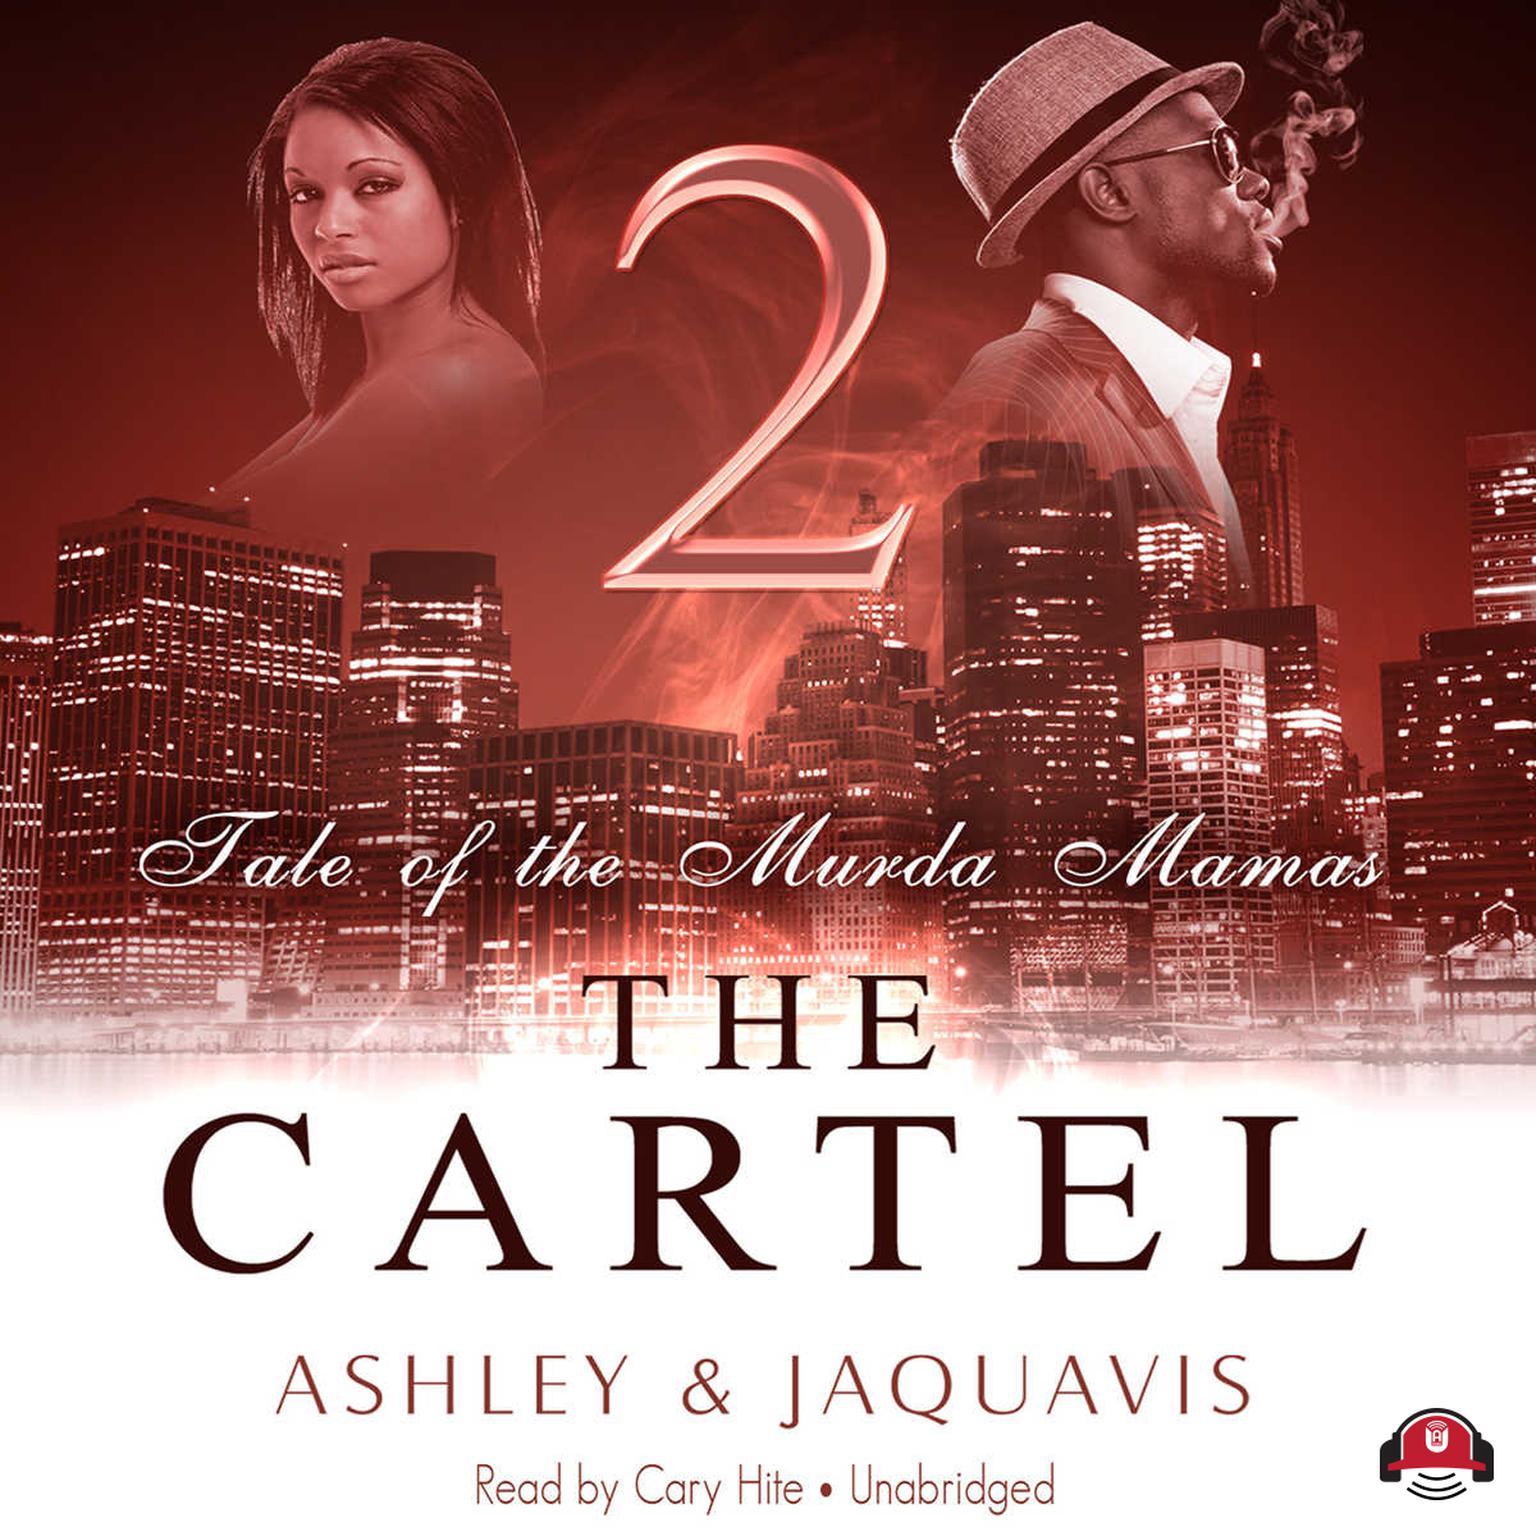 The Cartel 2 Audiobook Listen Instantly